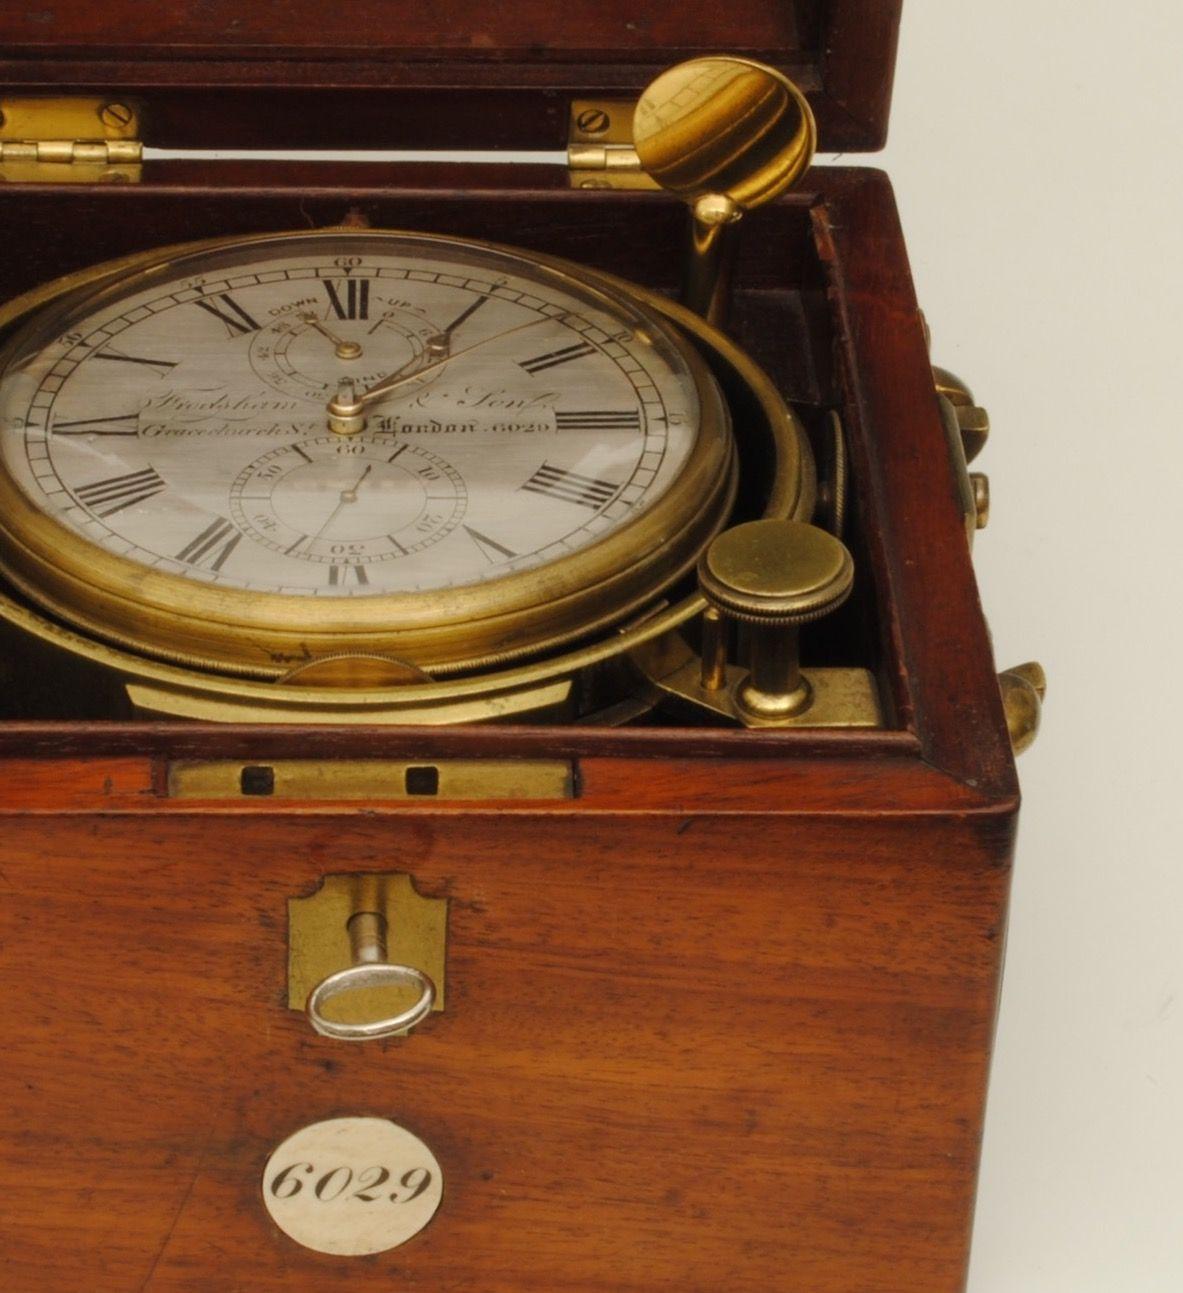 John Frodsham marine chronometer No.6029 made in 1840